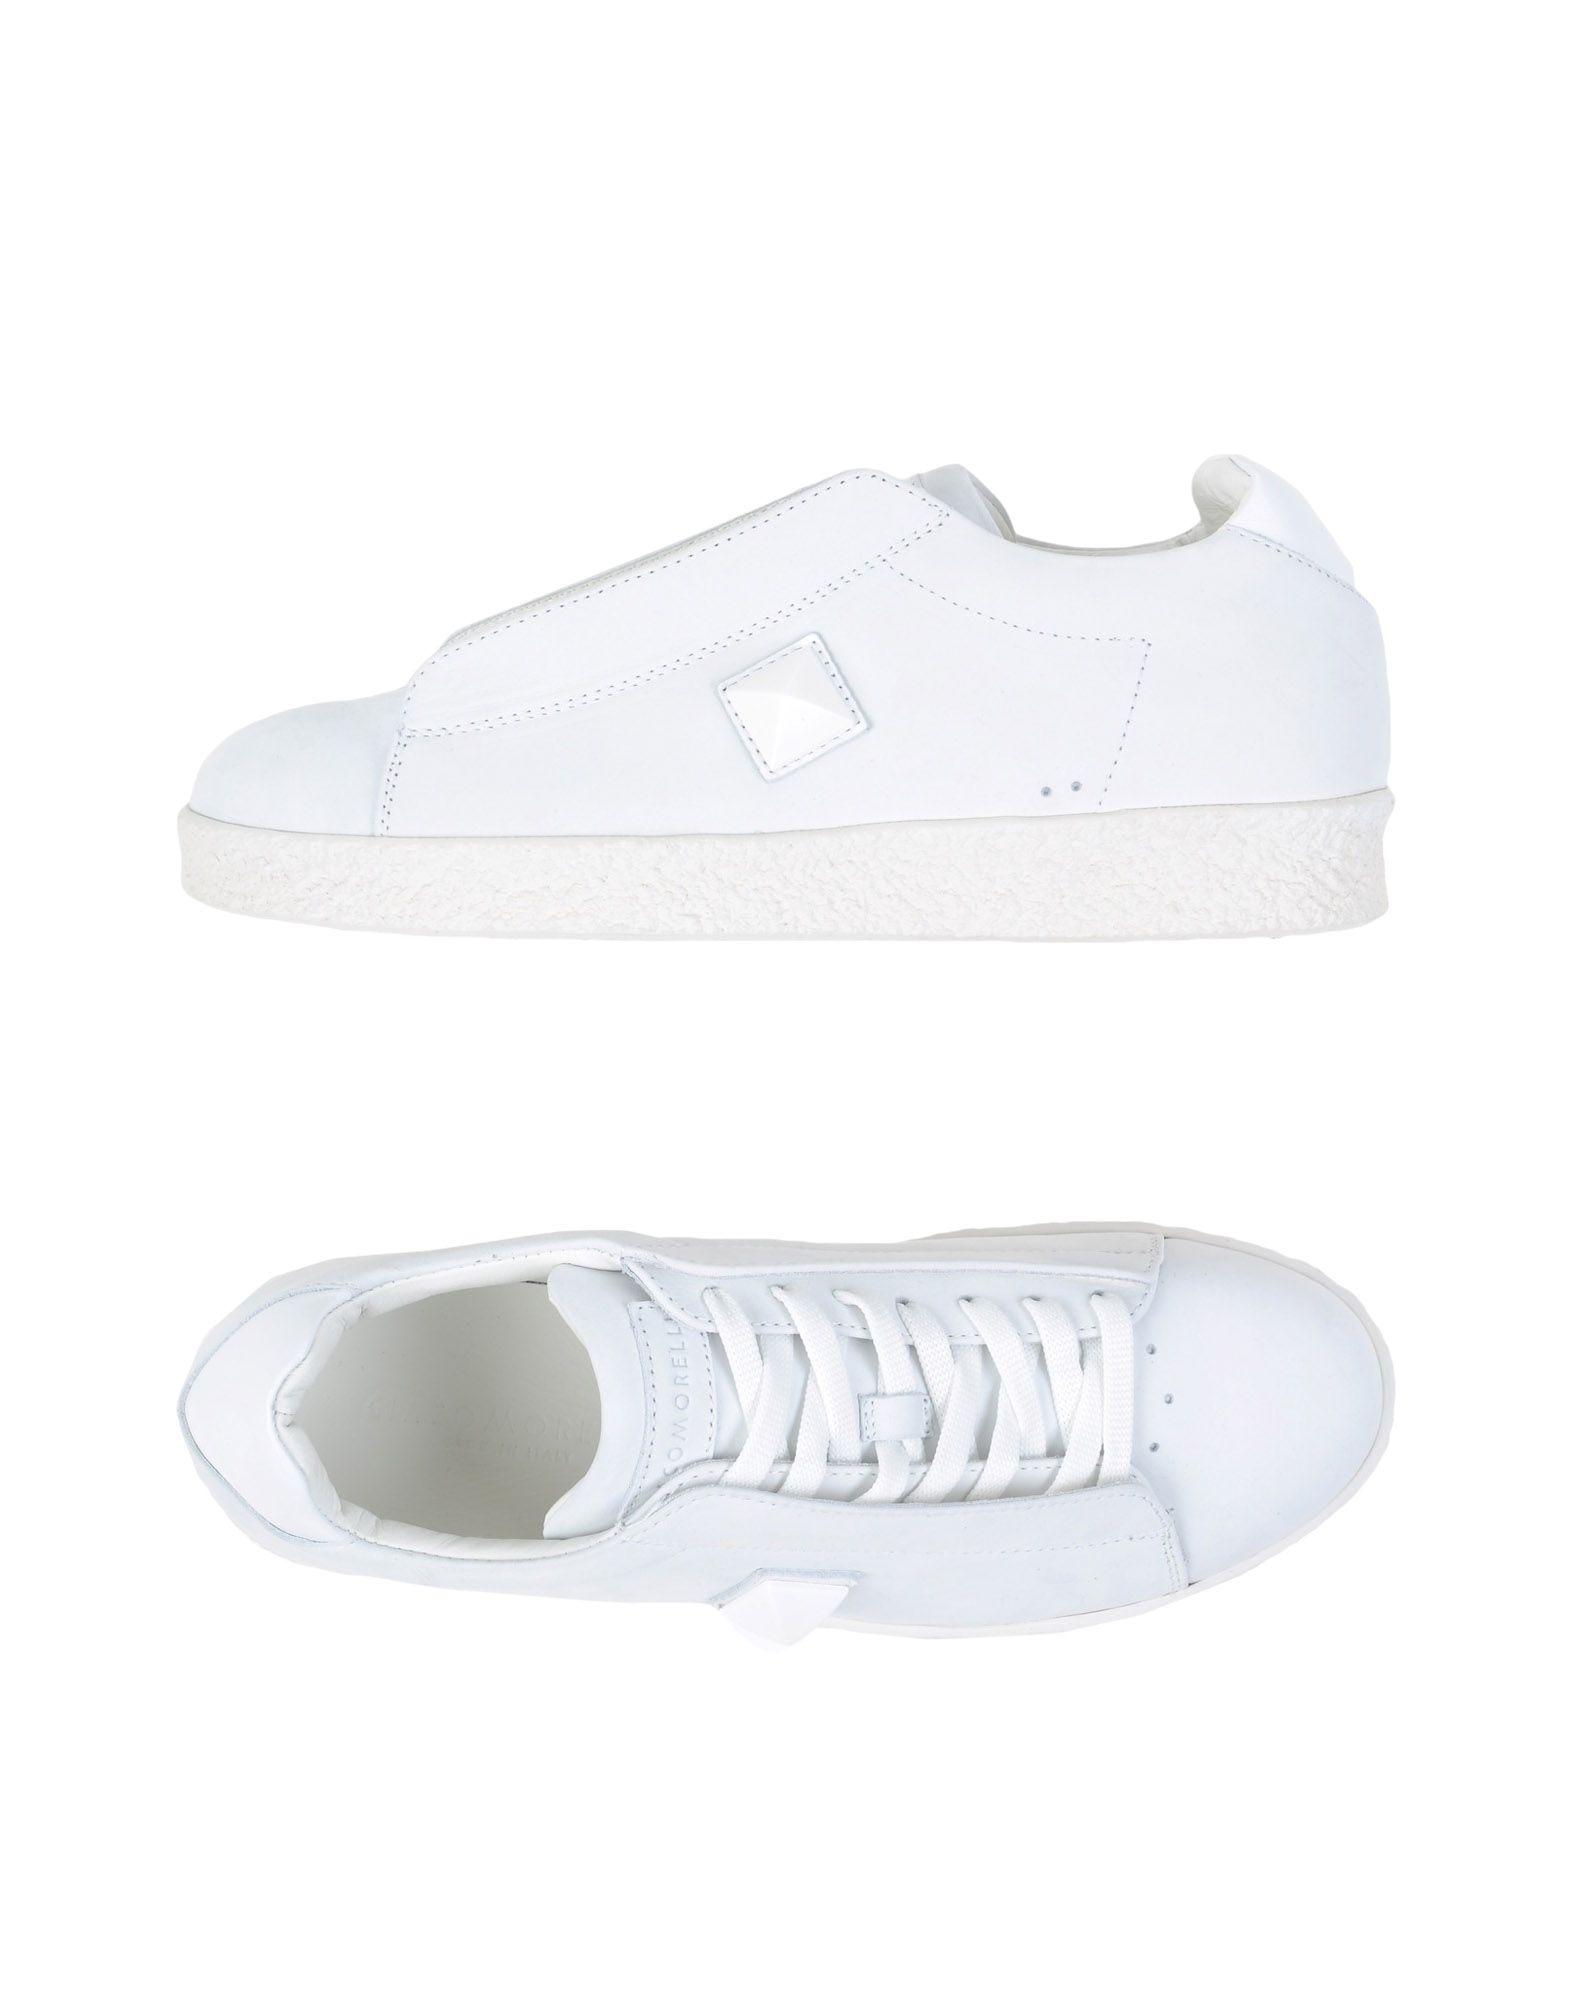 GIACOMORELLI Sneakers in White